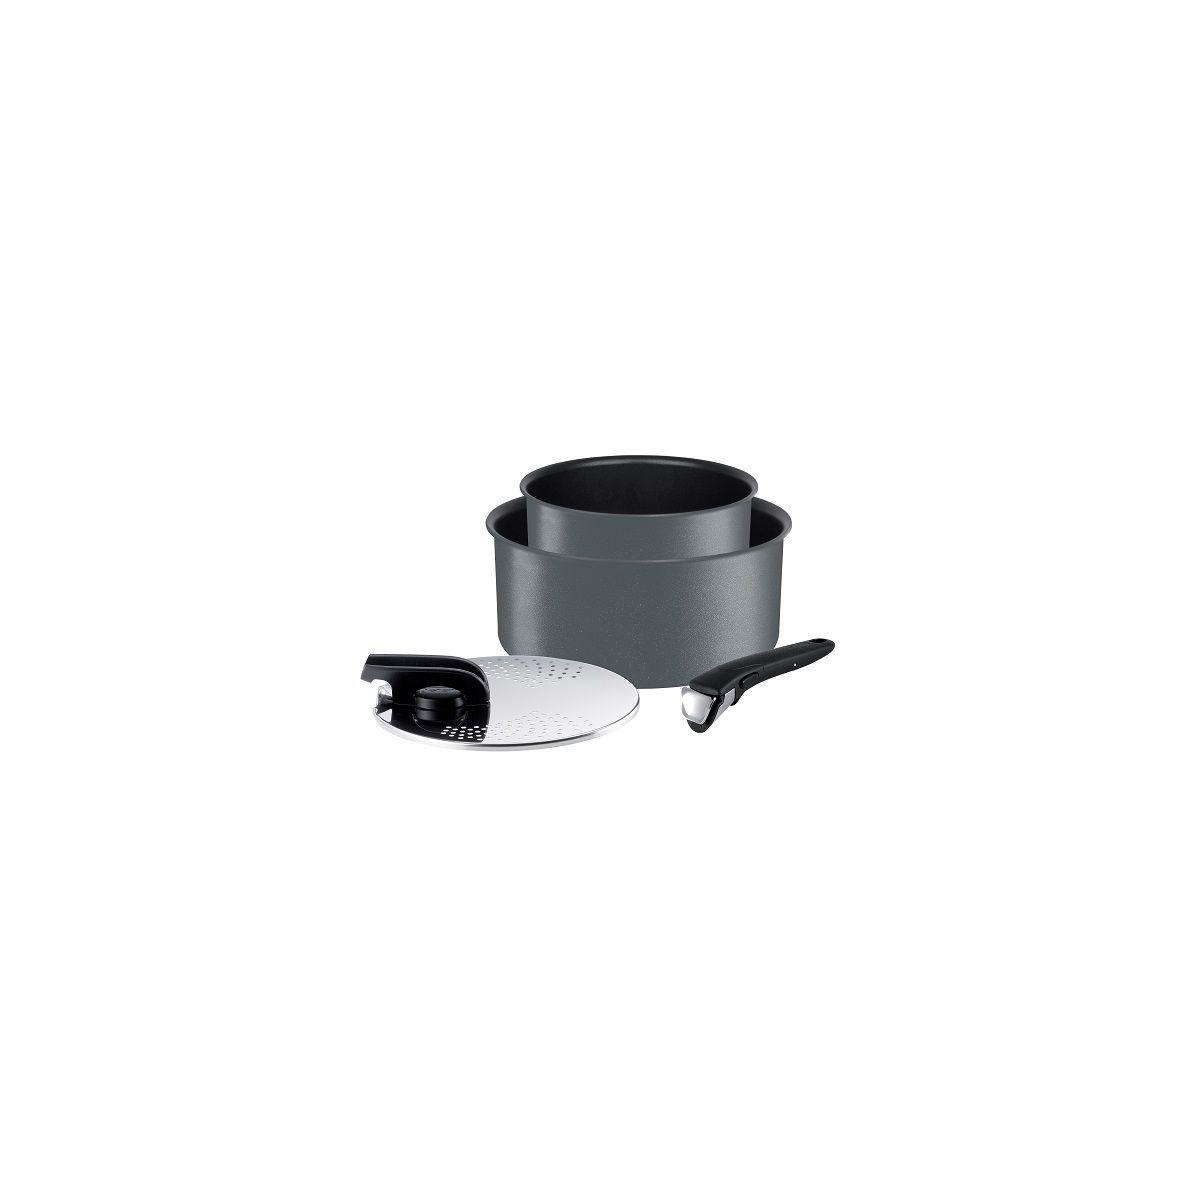 Batterie de cuisine TEFAL casseroles Ingenio Performance 4p gris